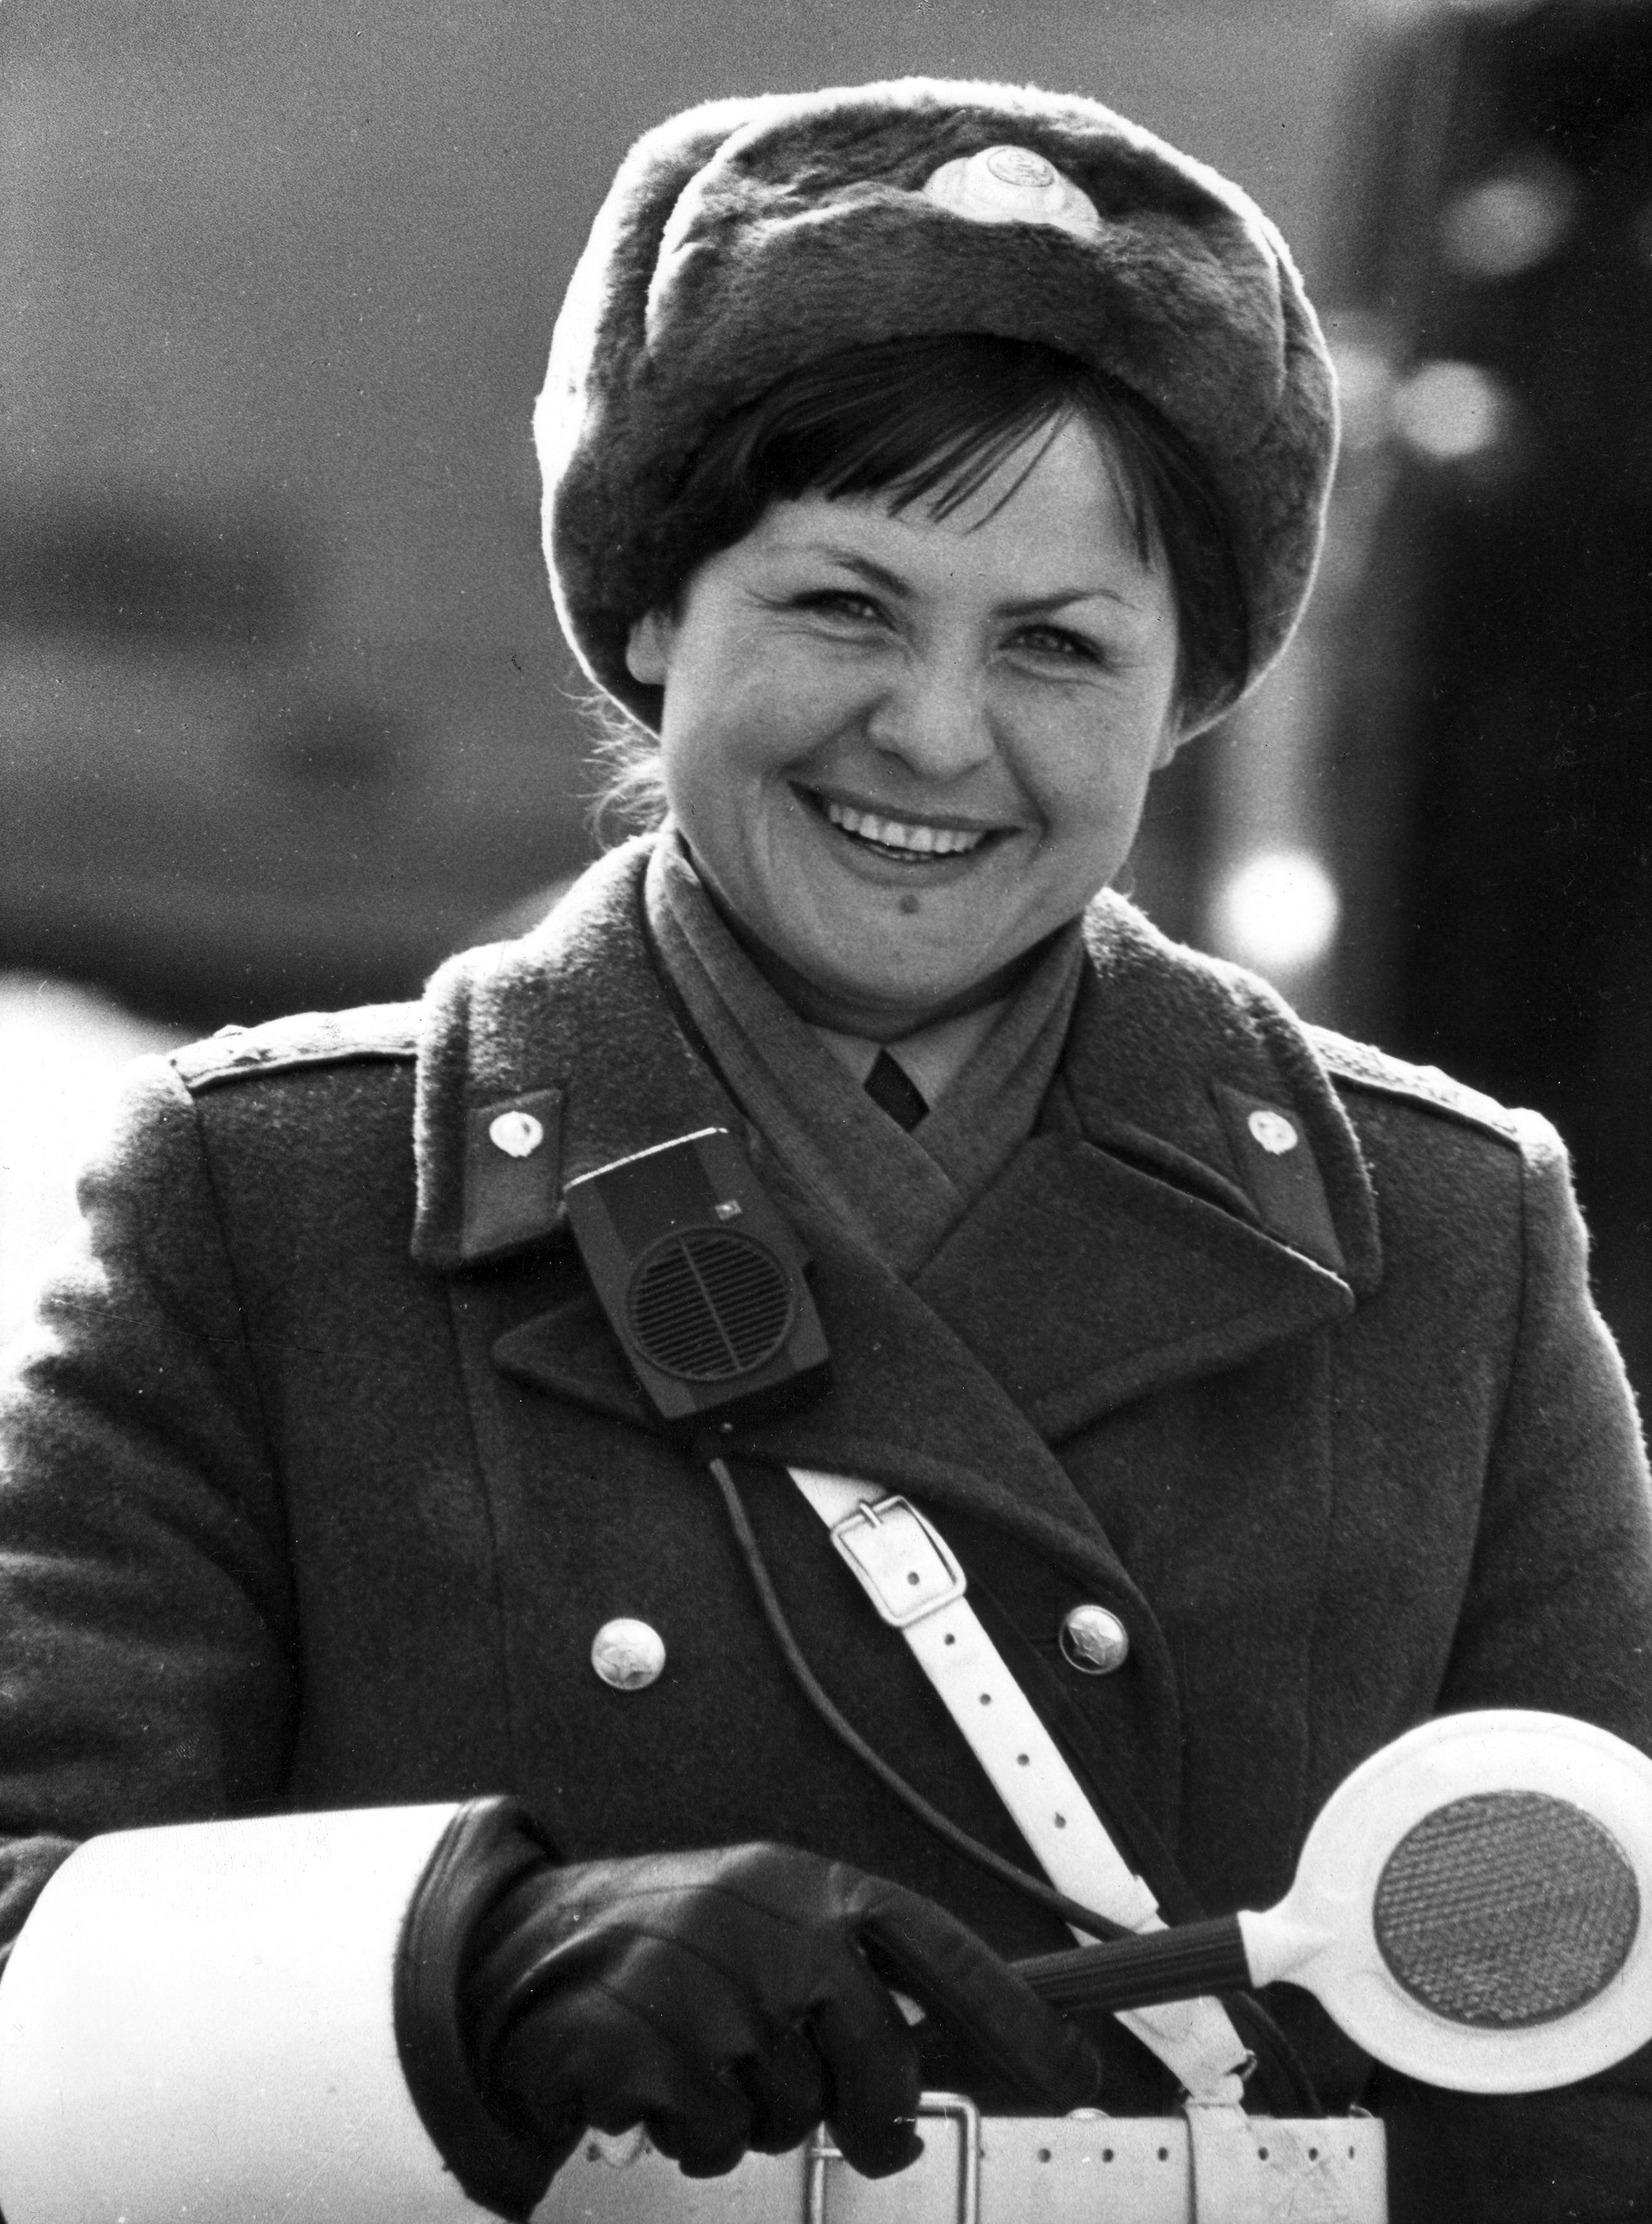 st-inspektor-dps-1-odn-ugai-guvd-lenoblasti-l_t-t_i-timofeeva-1981.jpg